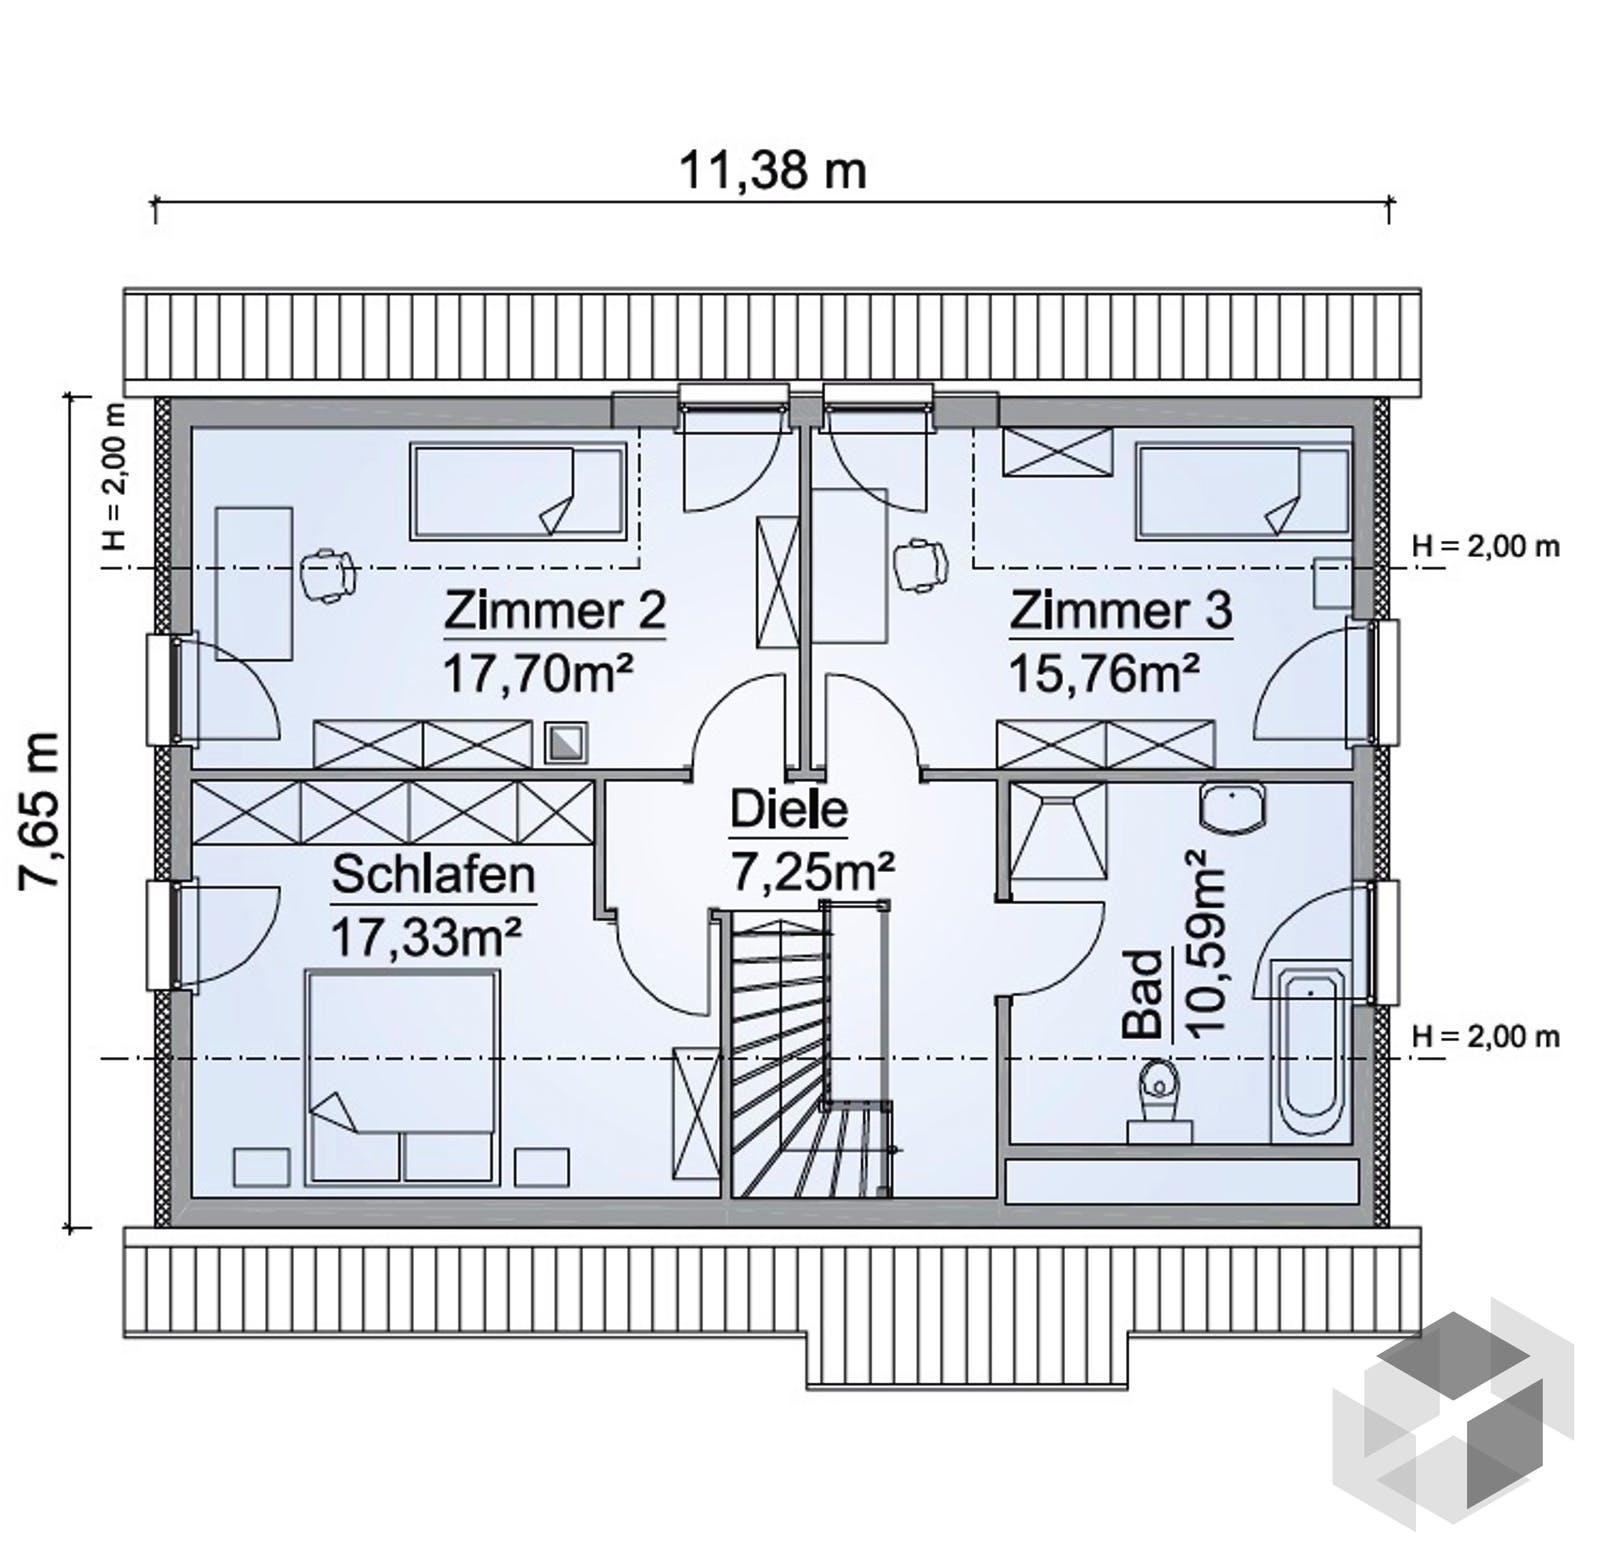 sh 154 var d von scanhaus marlow komplette daten bersicht. Black Bedroom Furniture Sets. Home Design Ideas